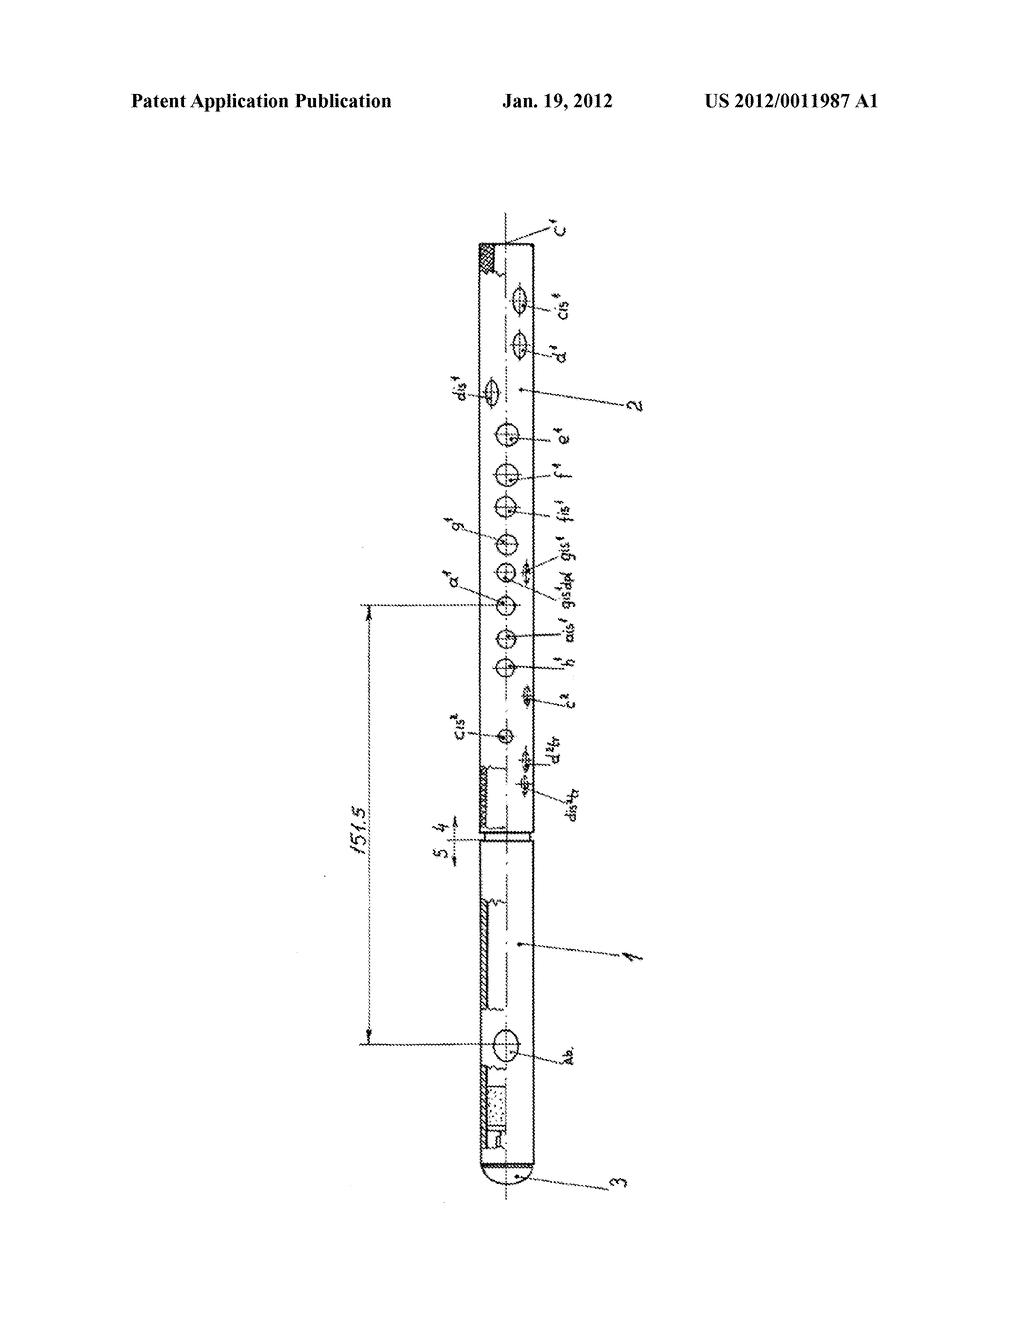 piccolo diagram schematic and image 02 rh patentsencyclopedia com